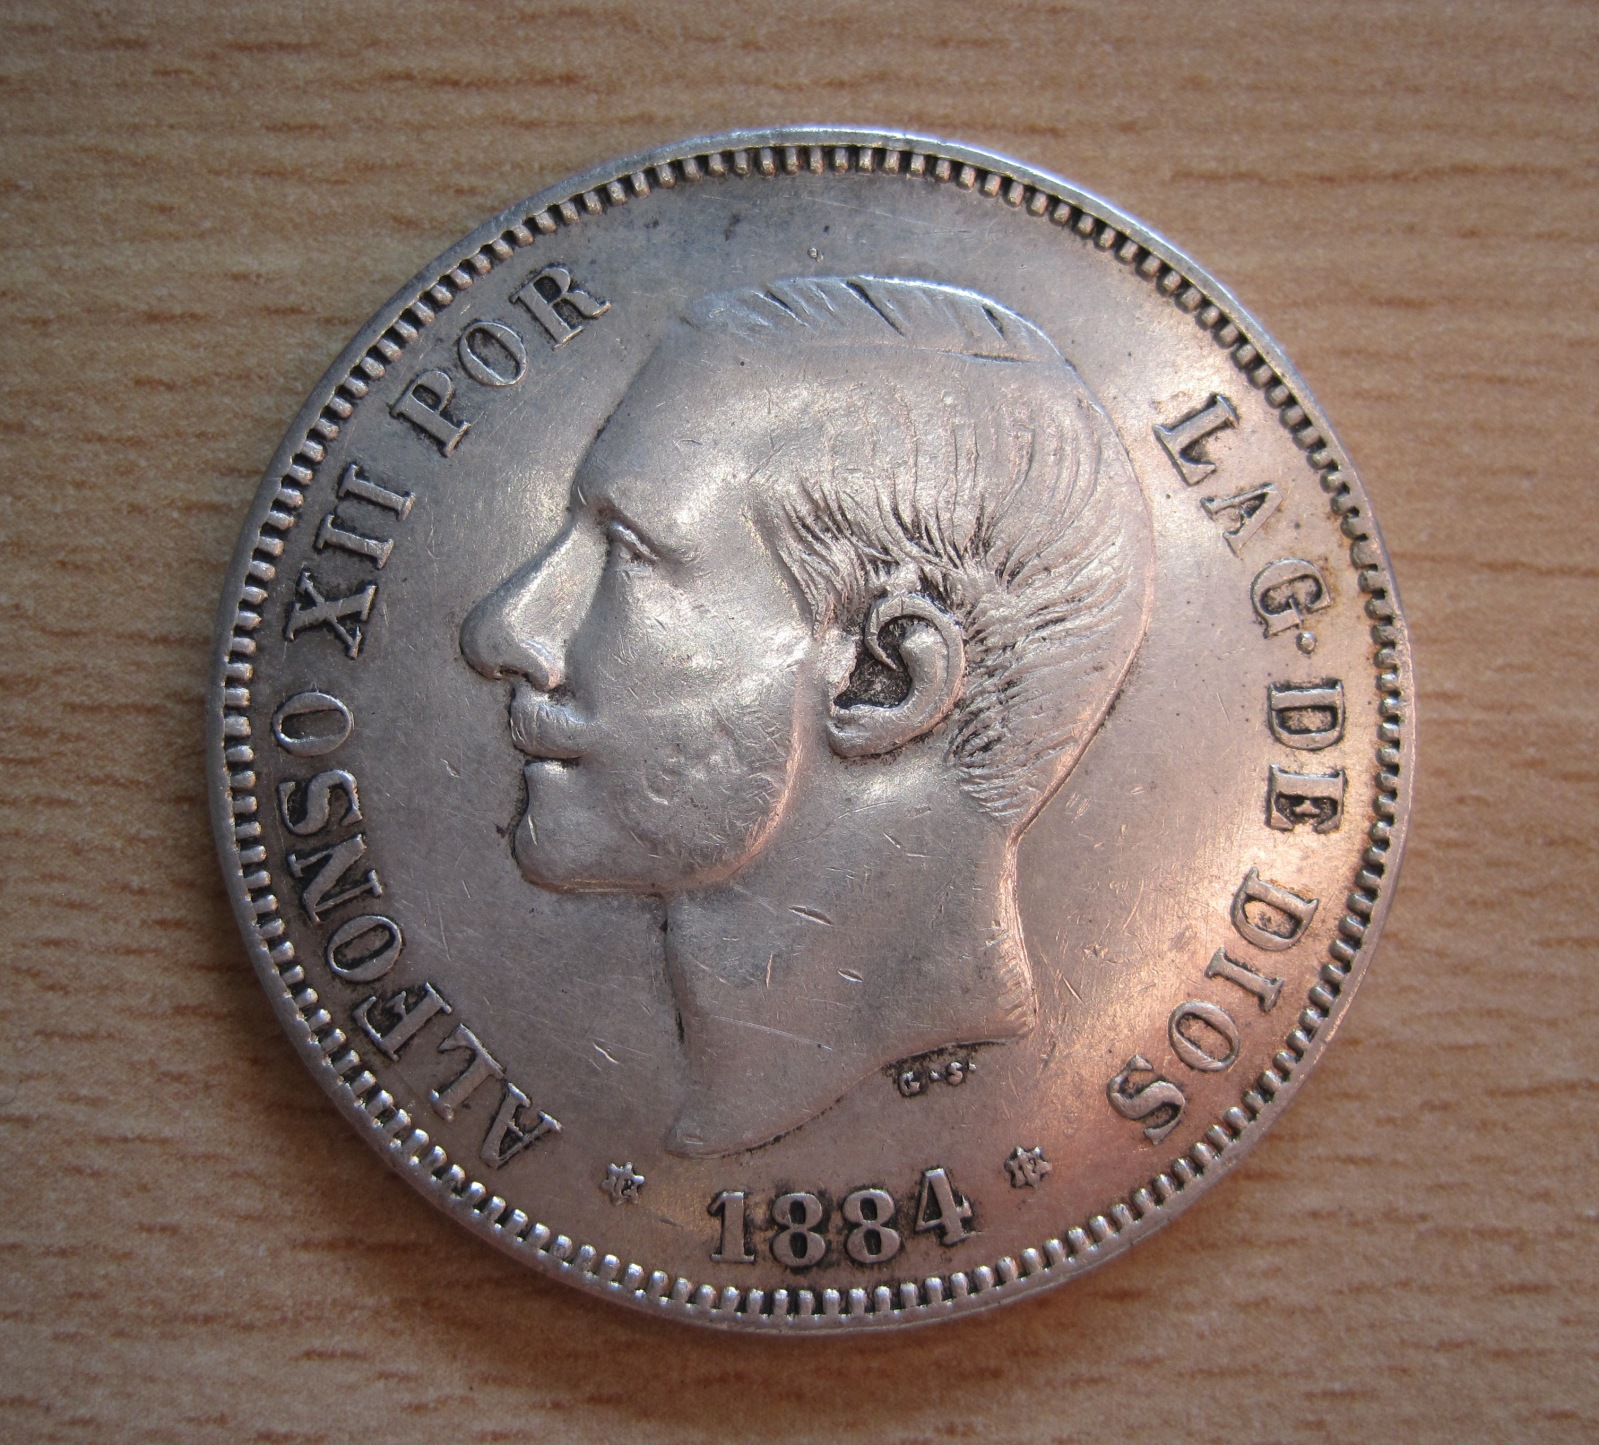 5 Pesetas 1884, Falsa Duro Sevillano 2ilja1e